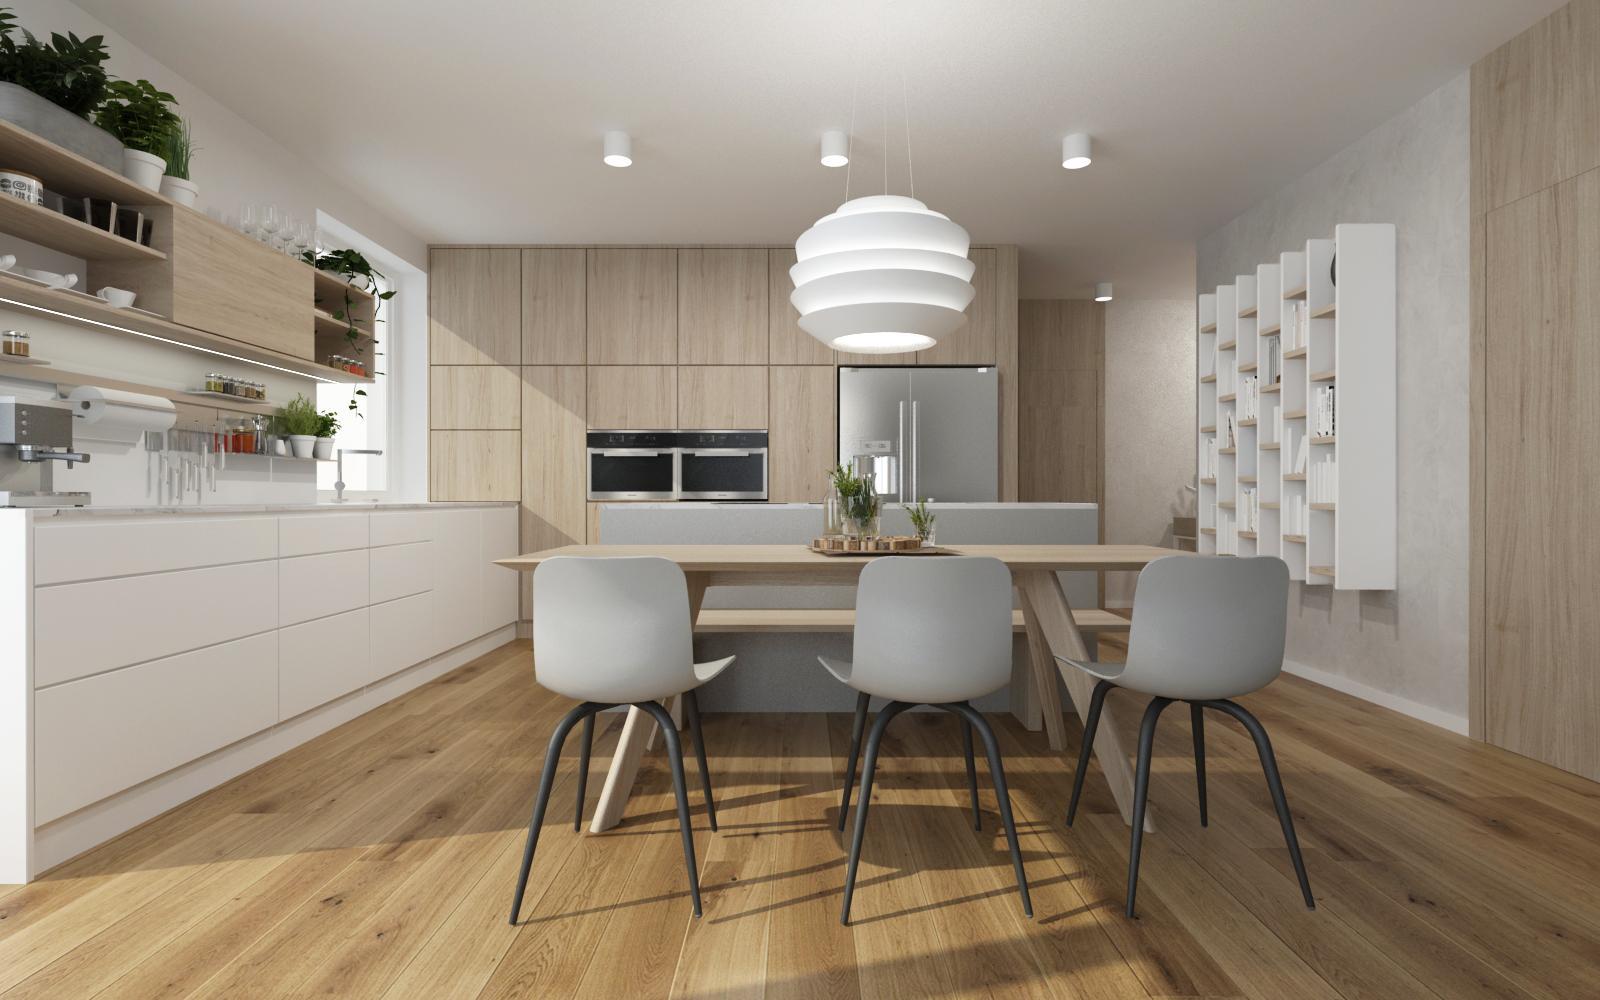 Realizácia interiéru podľa návrhu - Navrh interieru kuchyne s jedálňou